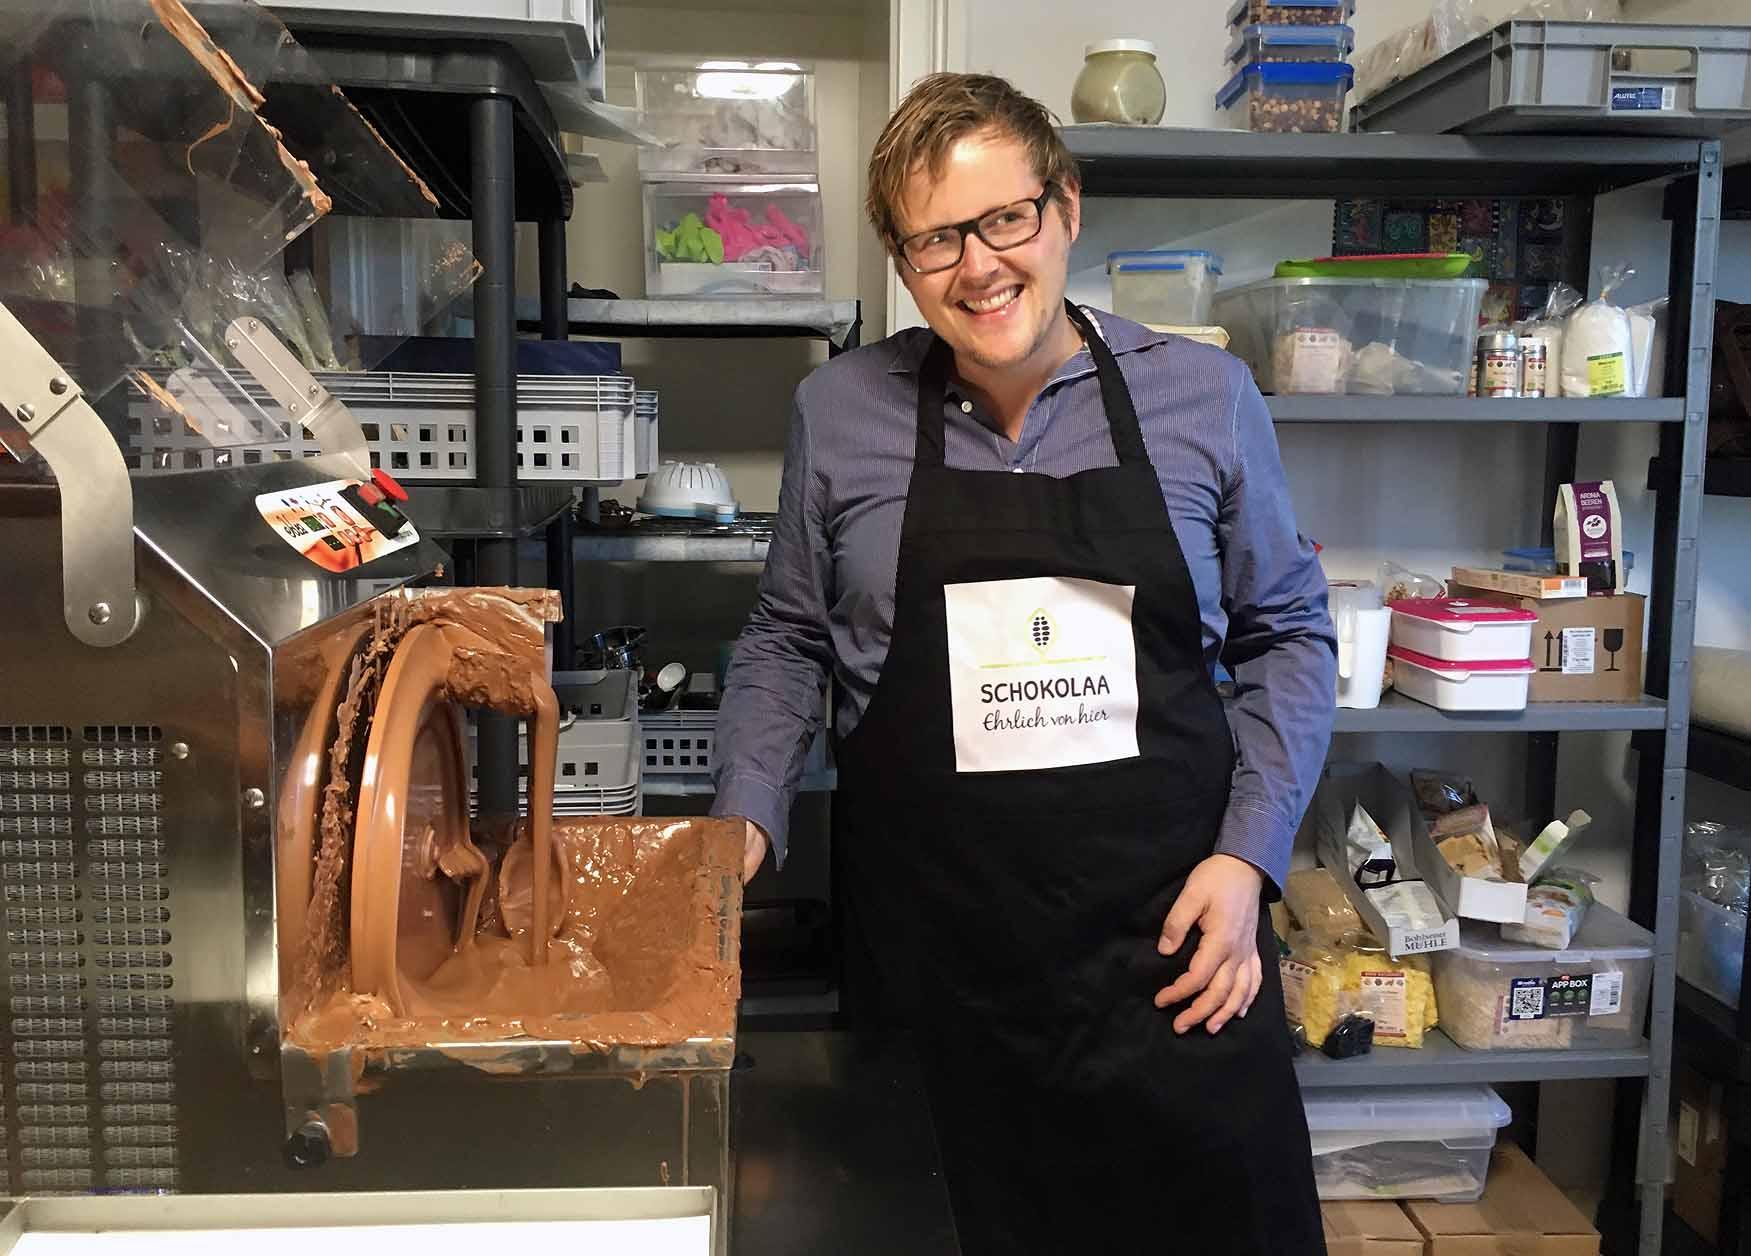 """Die kleine Manufaktur """"Schokolaa"""" in Haren an der Ems: Andre Kleimann stellt Bioschokolade her Foto: Weirauch"""